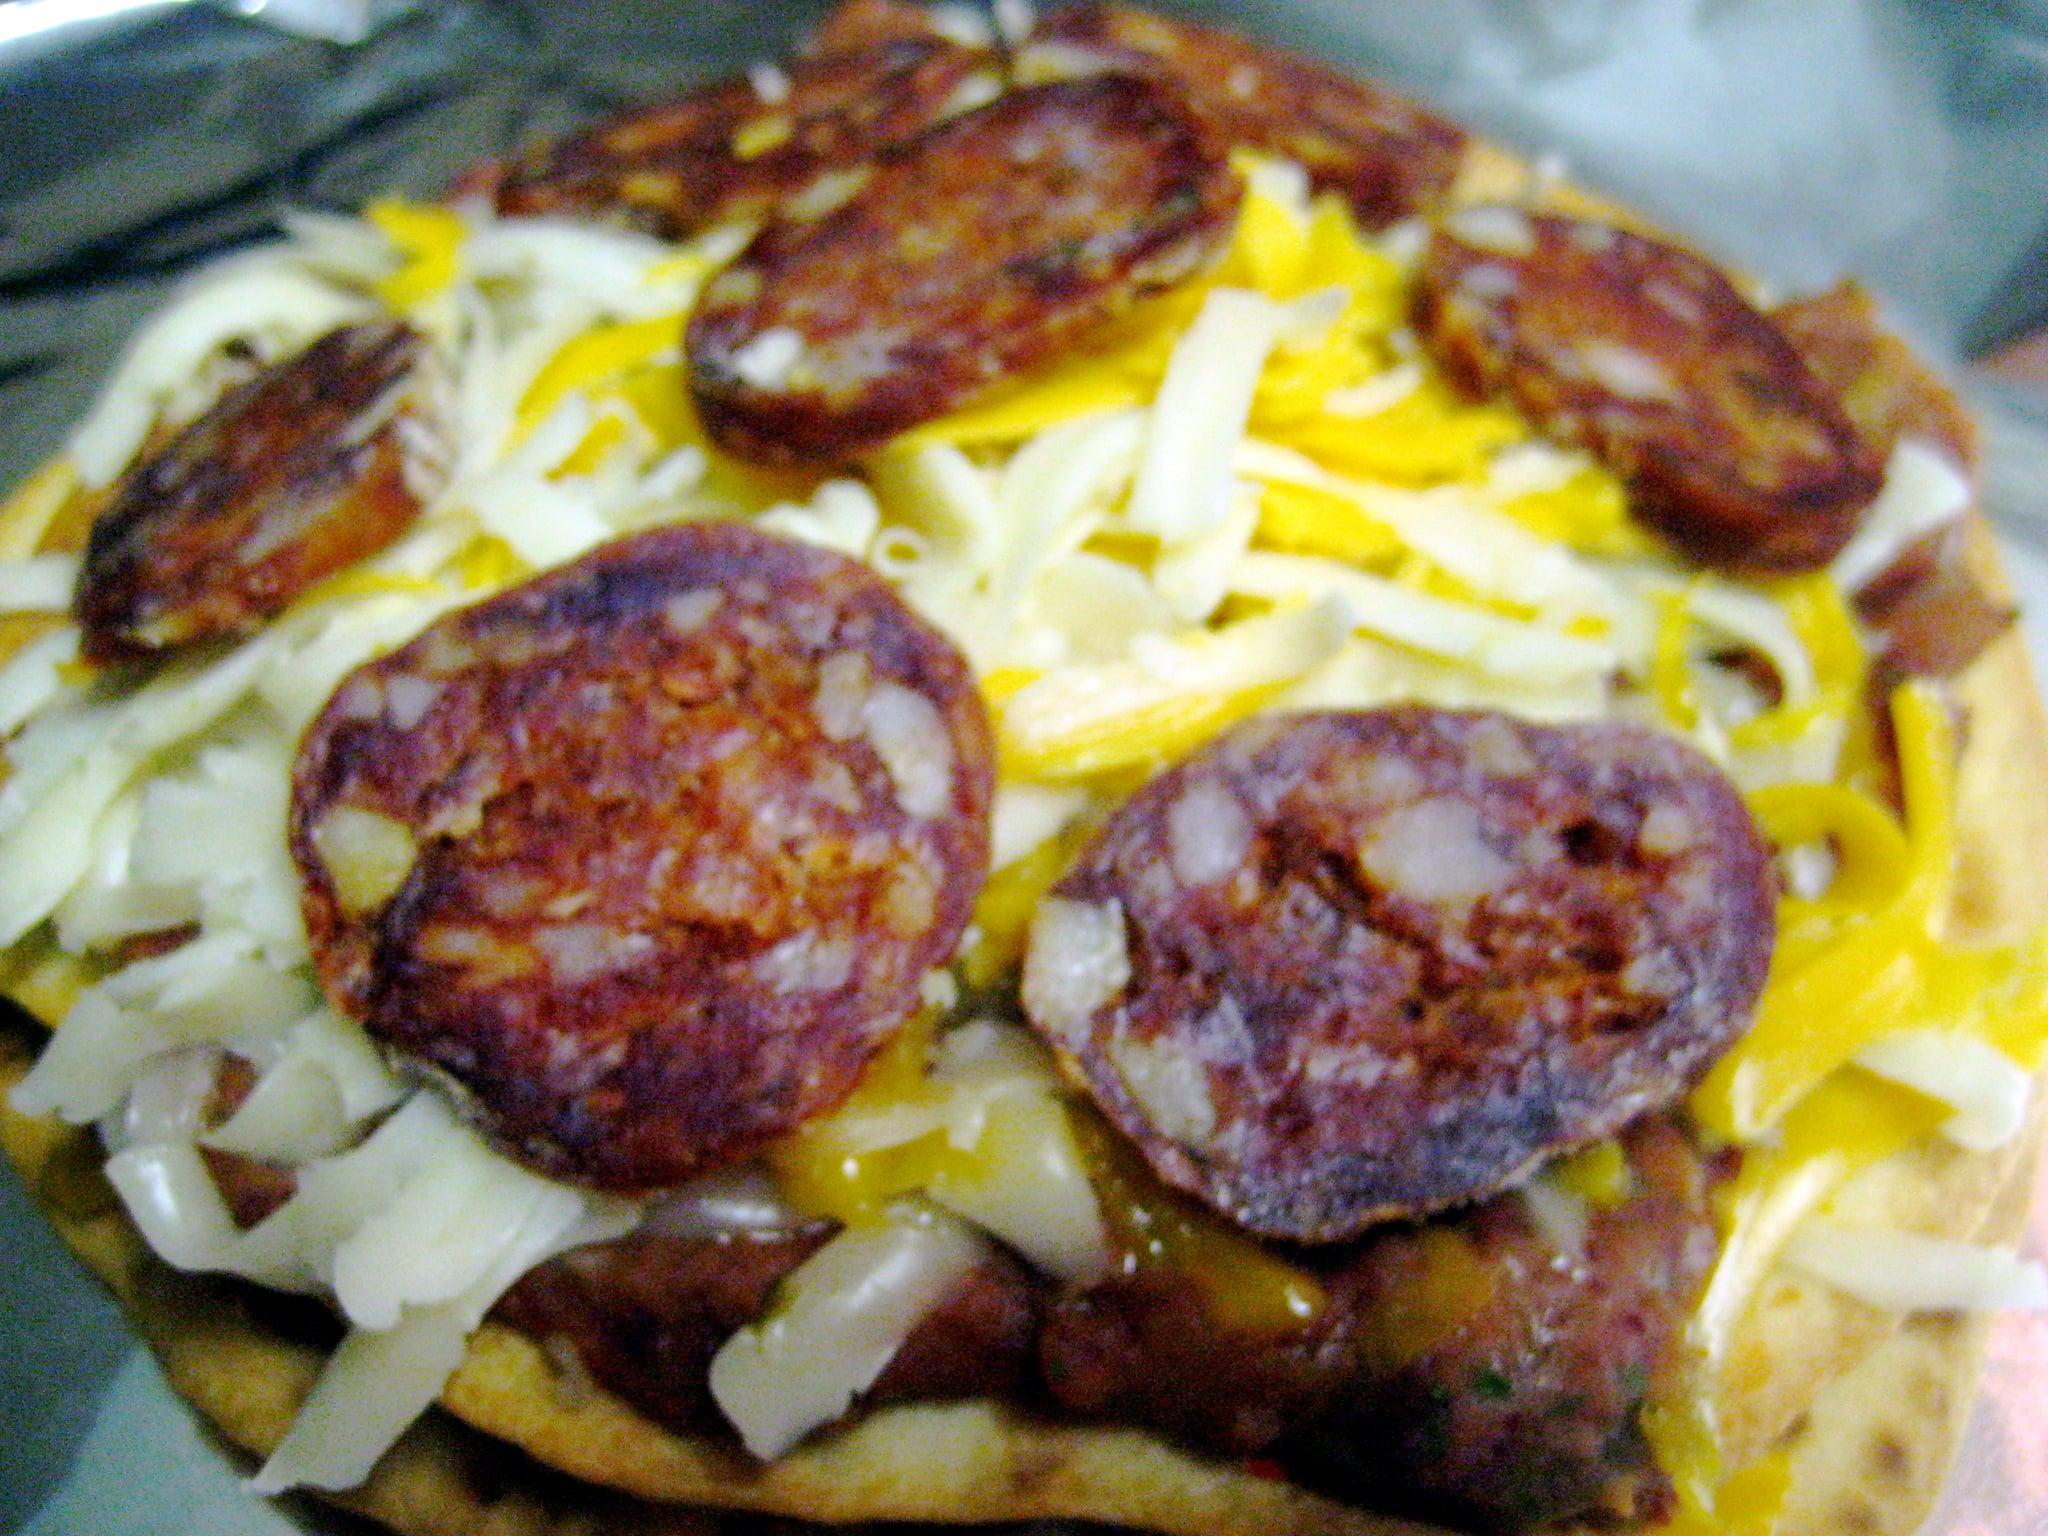 Chorizo. Need I say more?